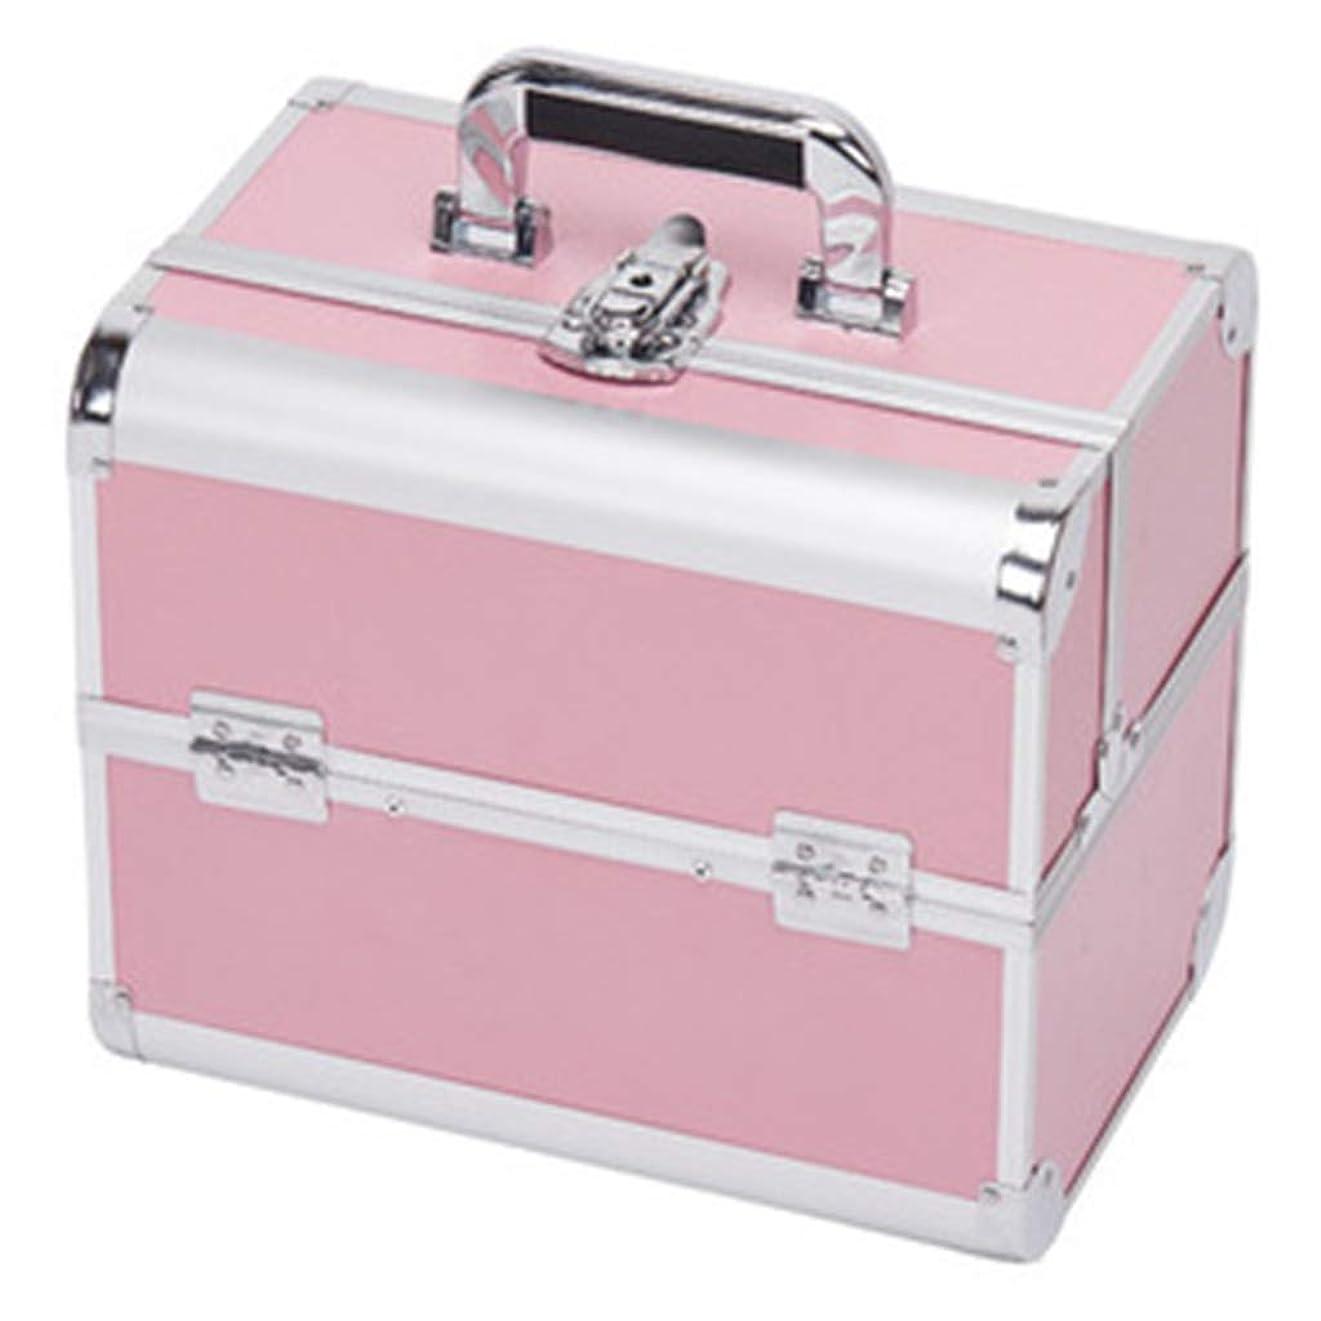 文字通り呼び出すつかむ[テンカ] メイクボックス 収納ボックス ピンク コスメボックス スライドトレイ 化粧箱 収納ケース 化粧品?化粧道具入れ 自宅?出張?旅行?アウトドア撮影 プロ用 大容量 多機能